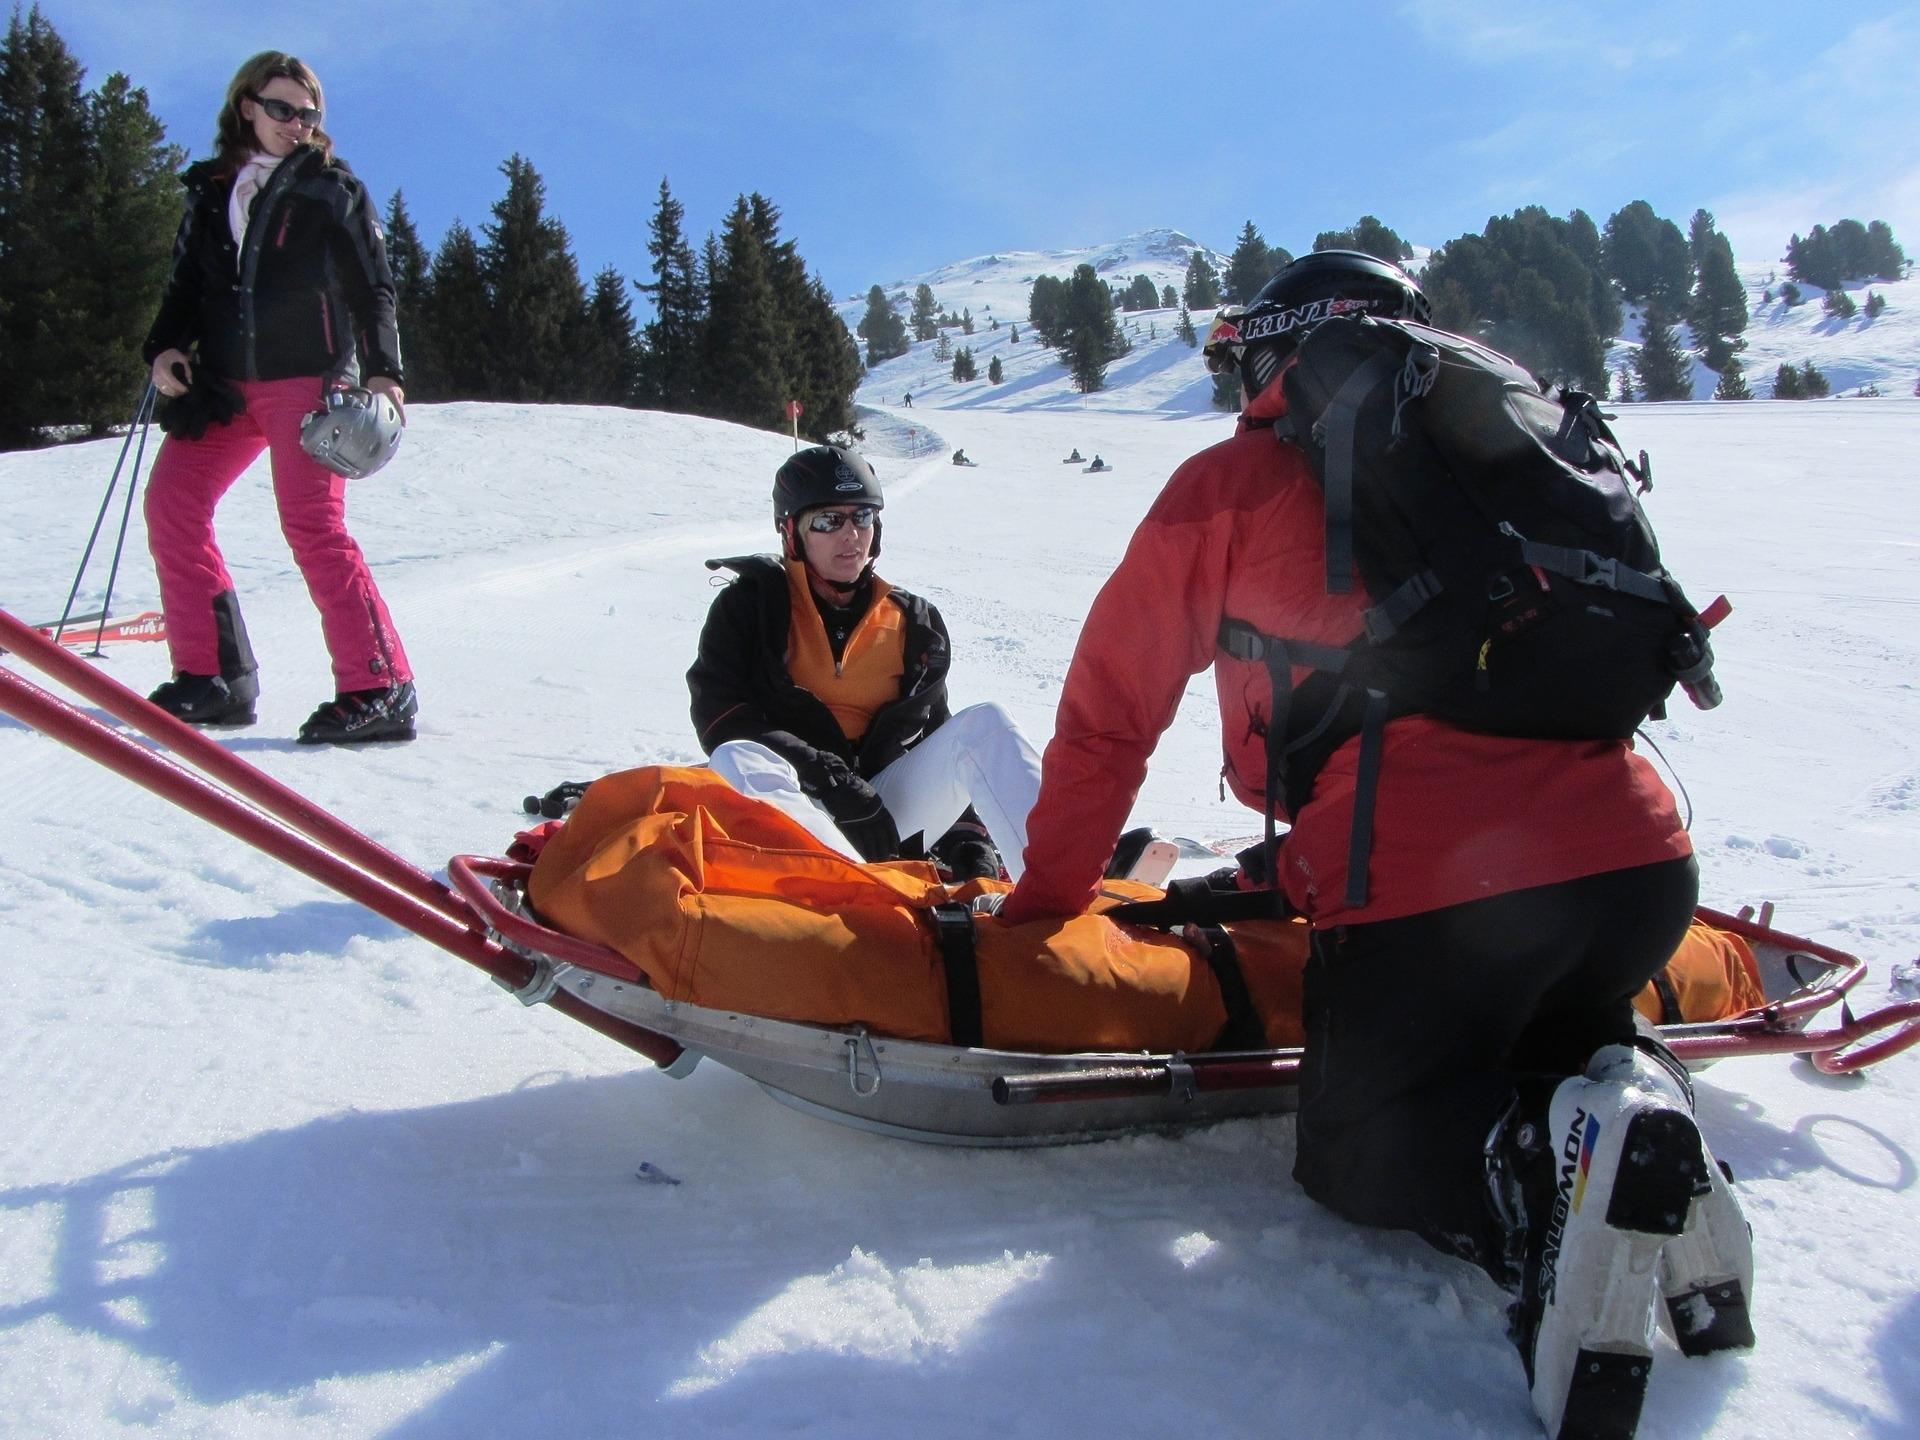 Bergung eines verunglückten Skifahrers durch die Bergrettung | Leo Forsbeck - Die Versicherungs-Experten